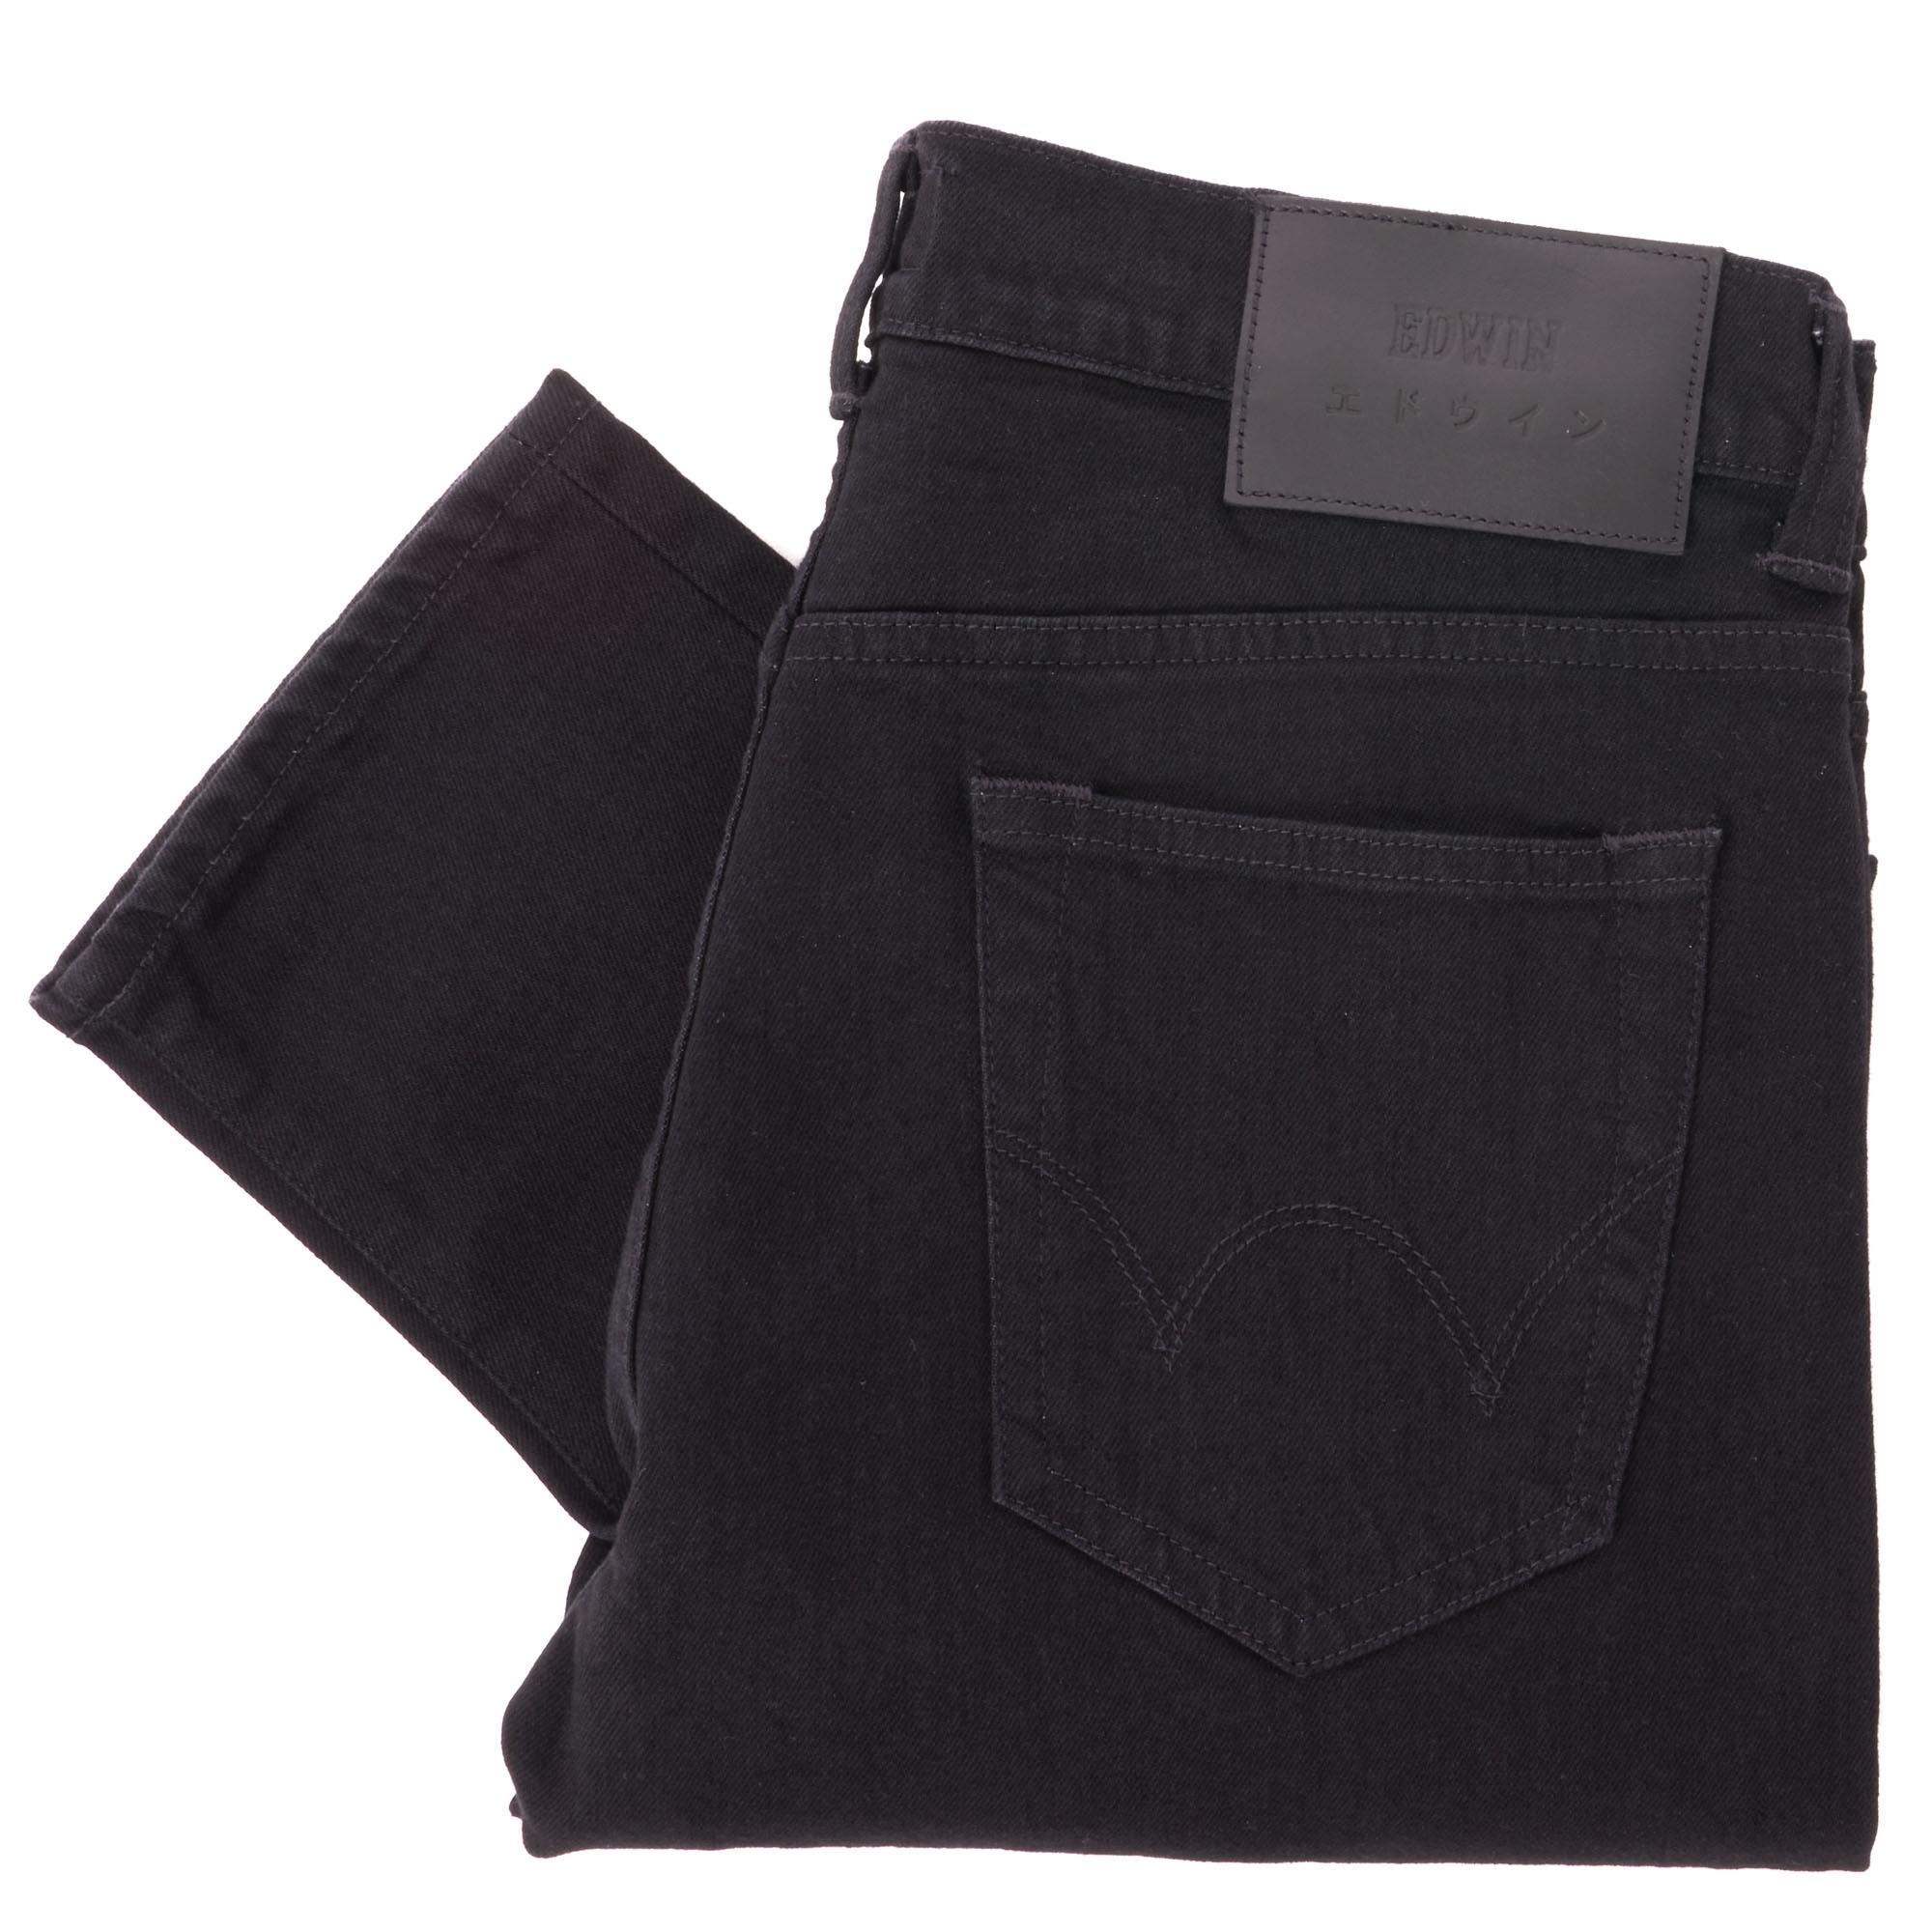 fe45de4c edwin-ed-80-slim-tapered-jeans-cs-power-black-denim-p36026-297086_image.jpg